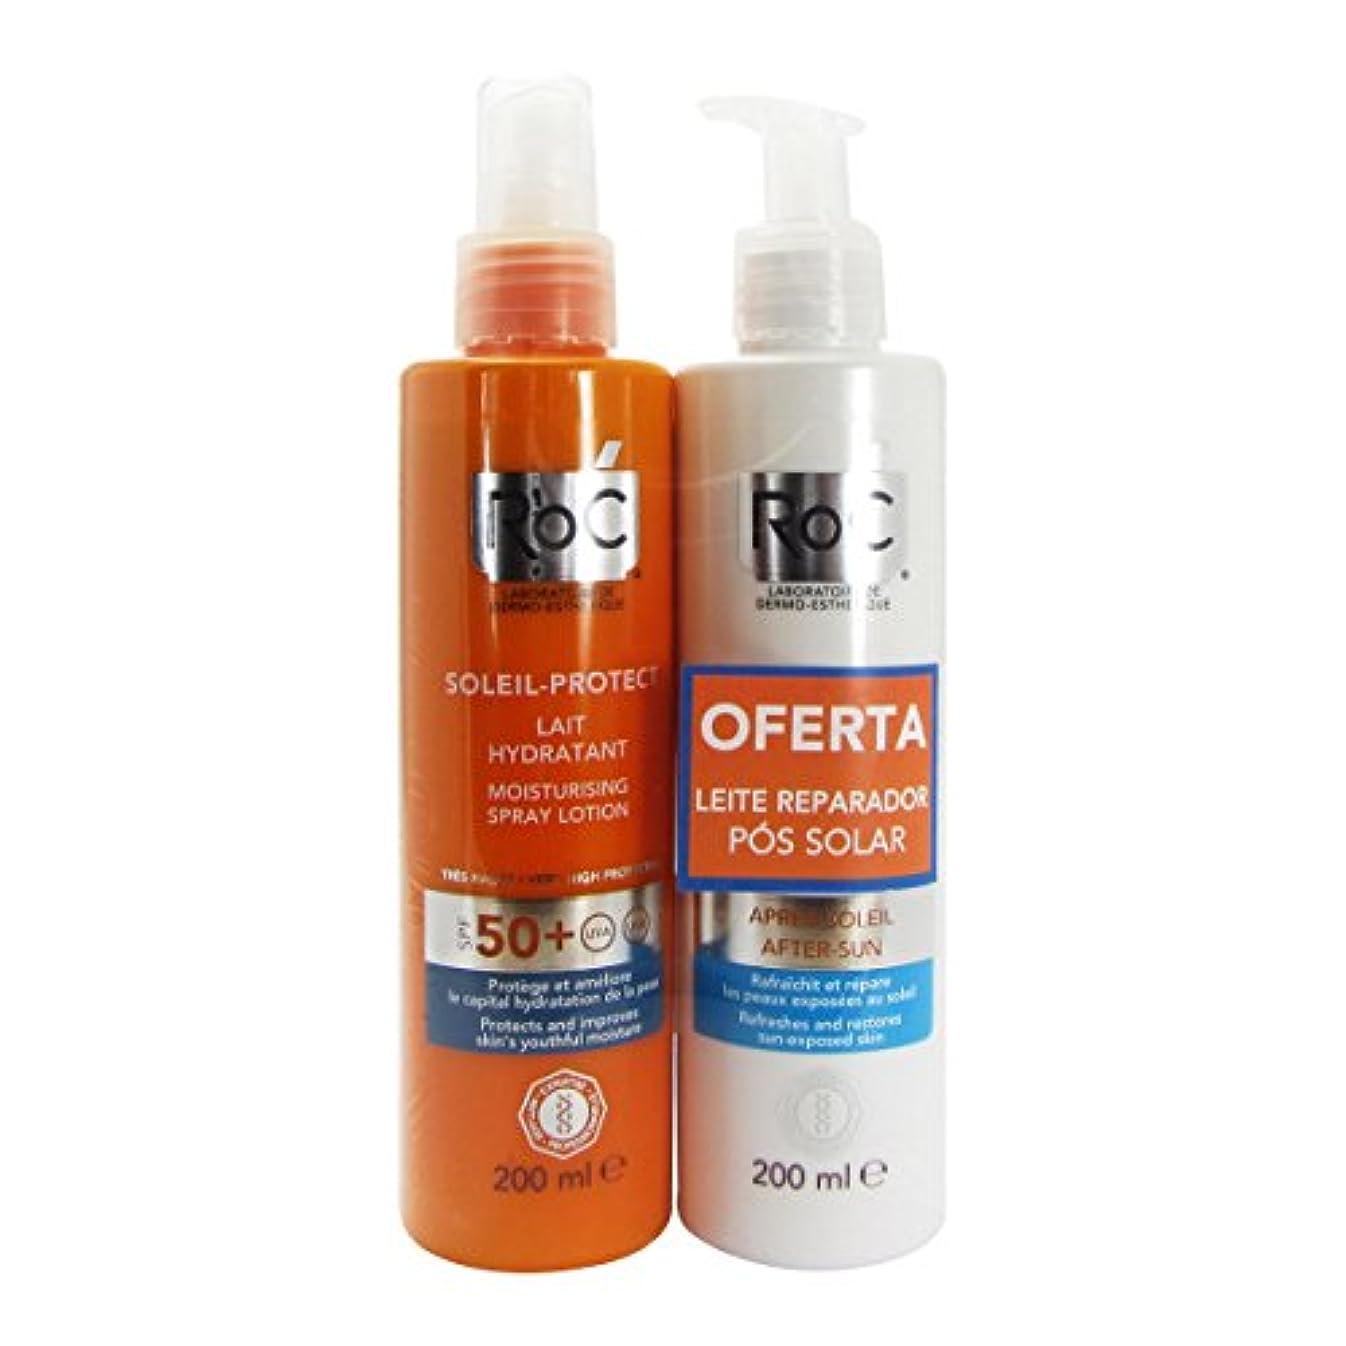 ボス石のカウンターパートRoc Pack Soleil Protect Hydrating Fluid Spf50 200ml + Refreshing Repair Fluid 200ml [並行輸入品]